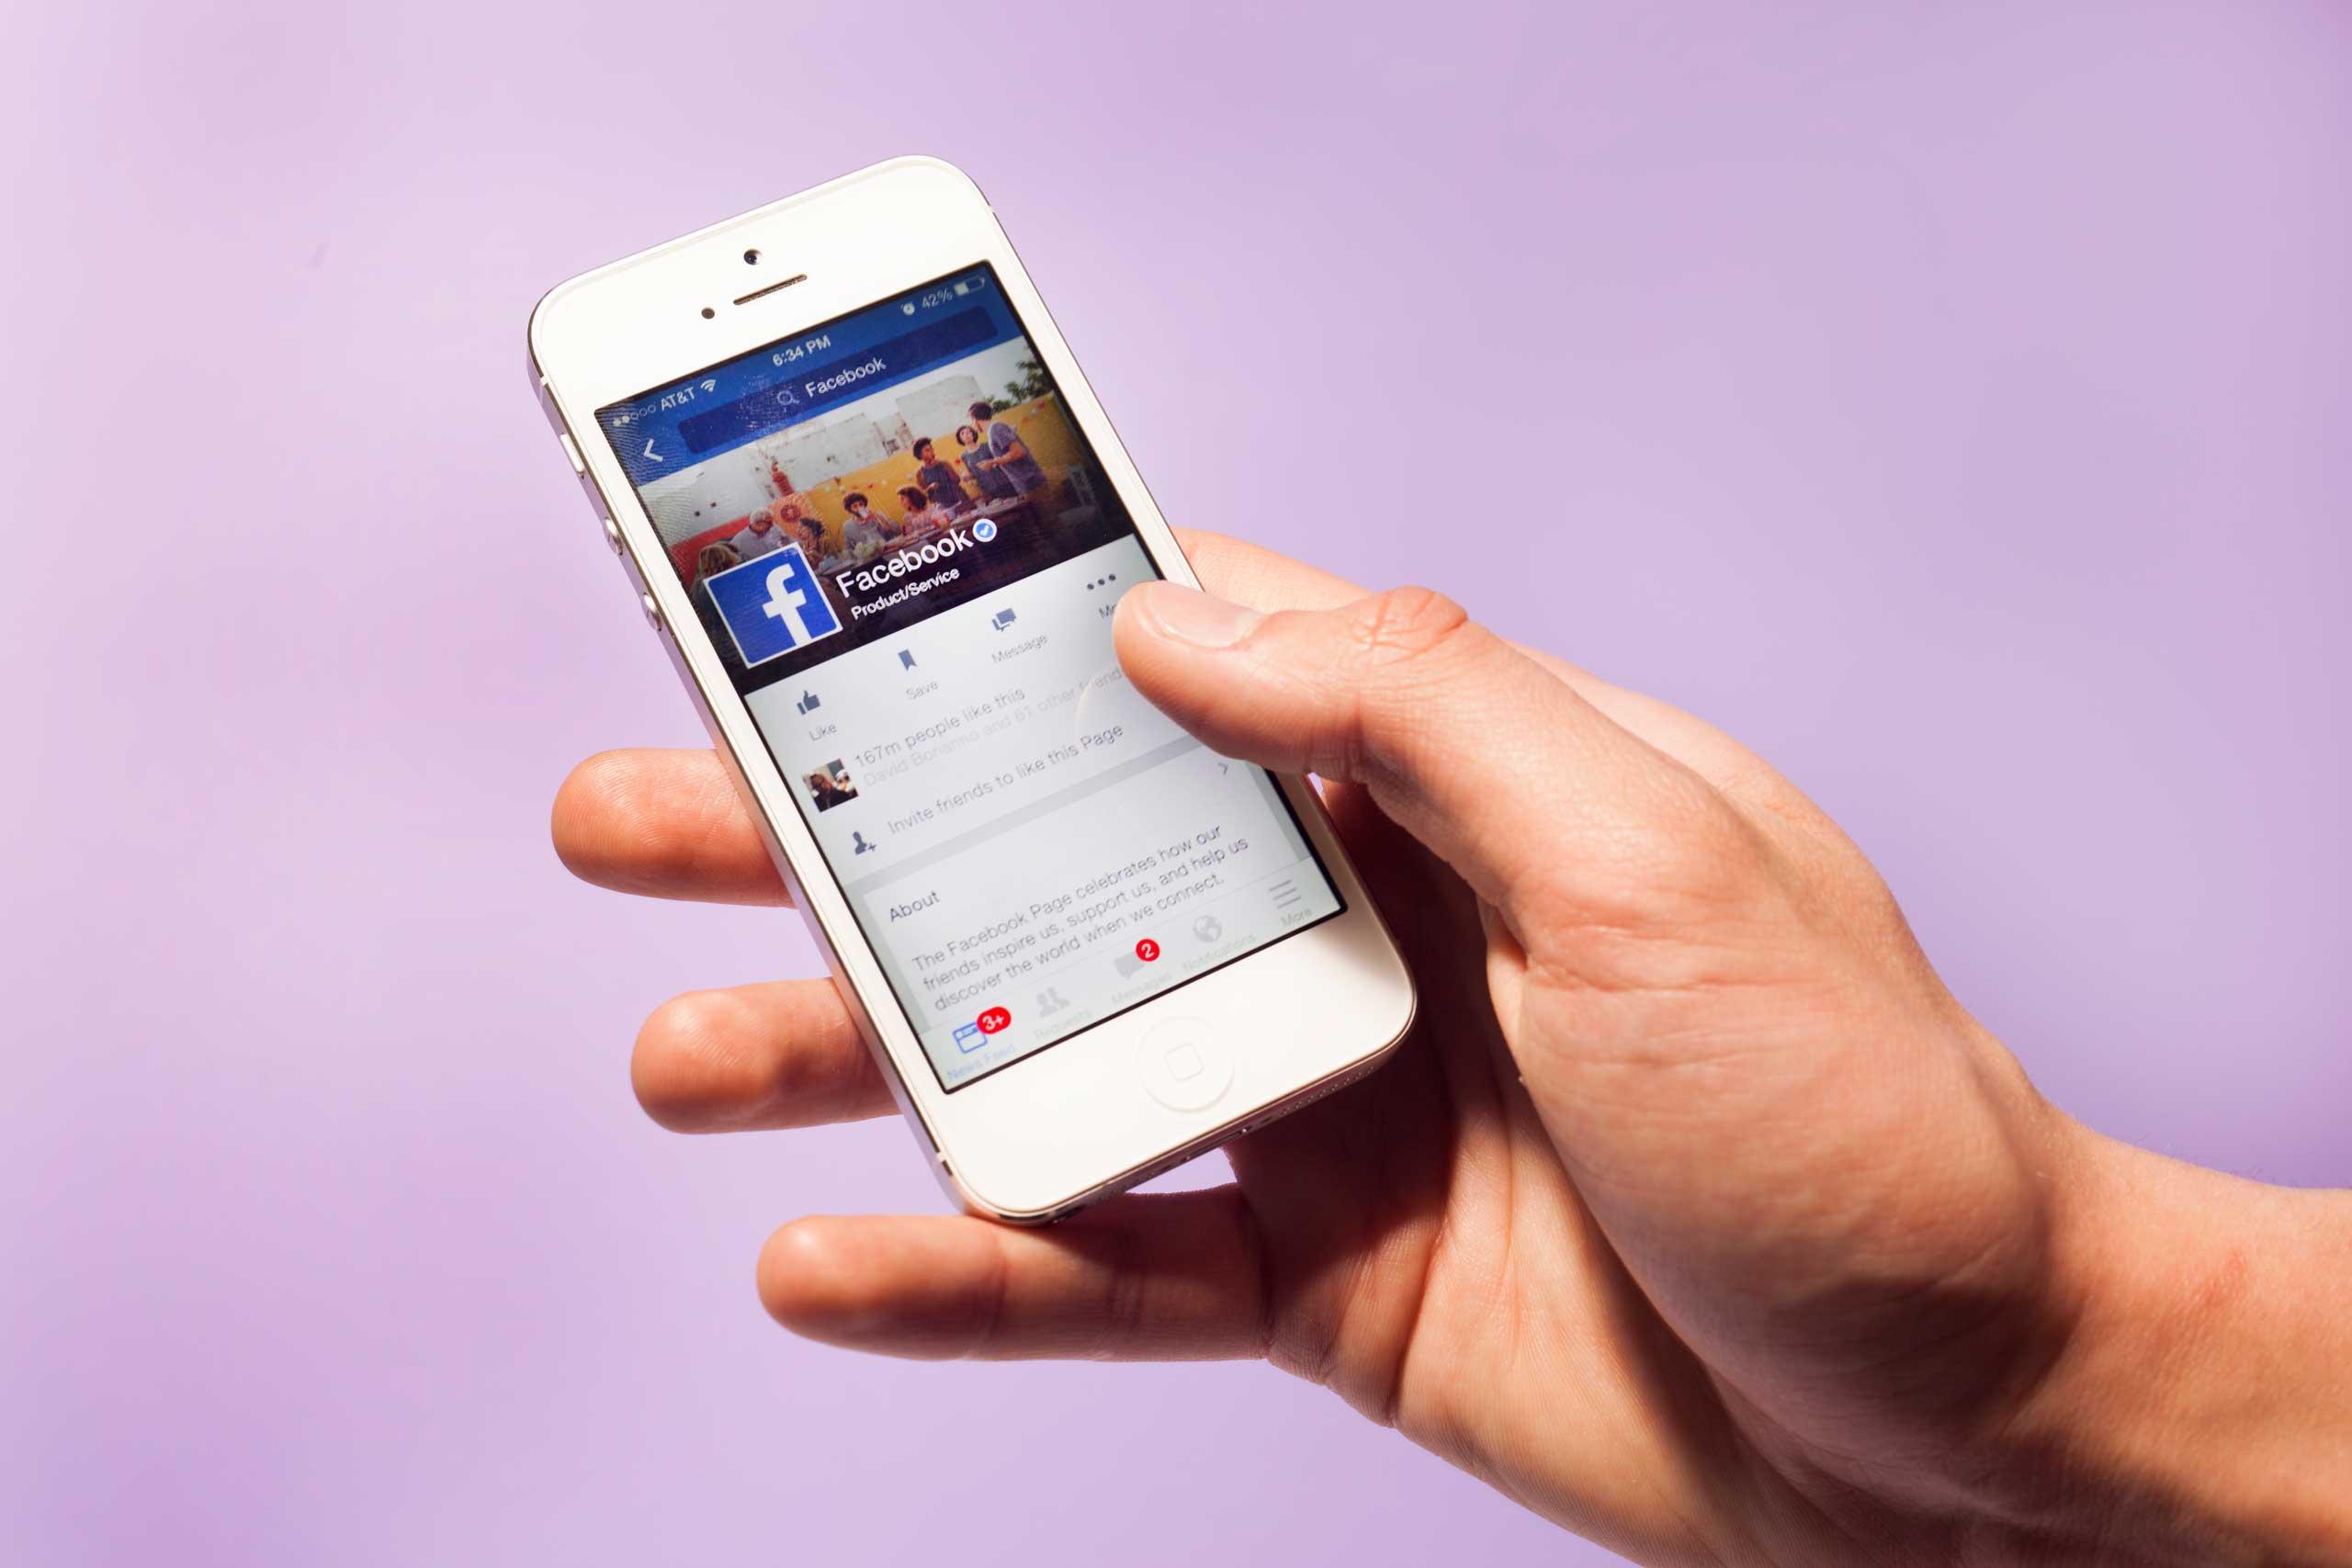 cách live stream màn hình điện thoại iphone